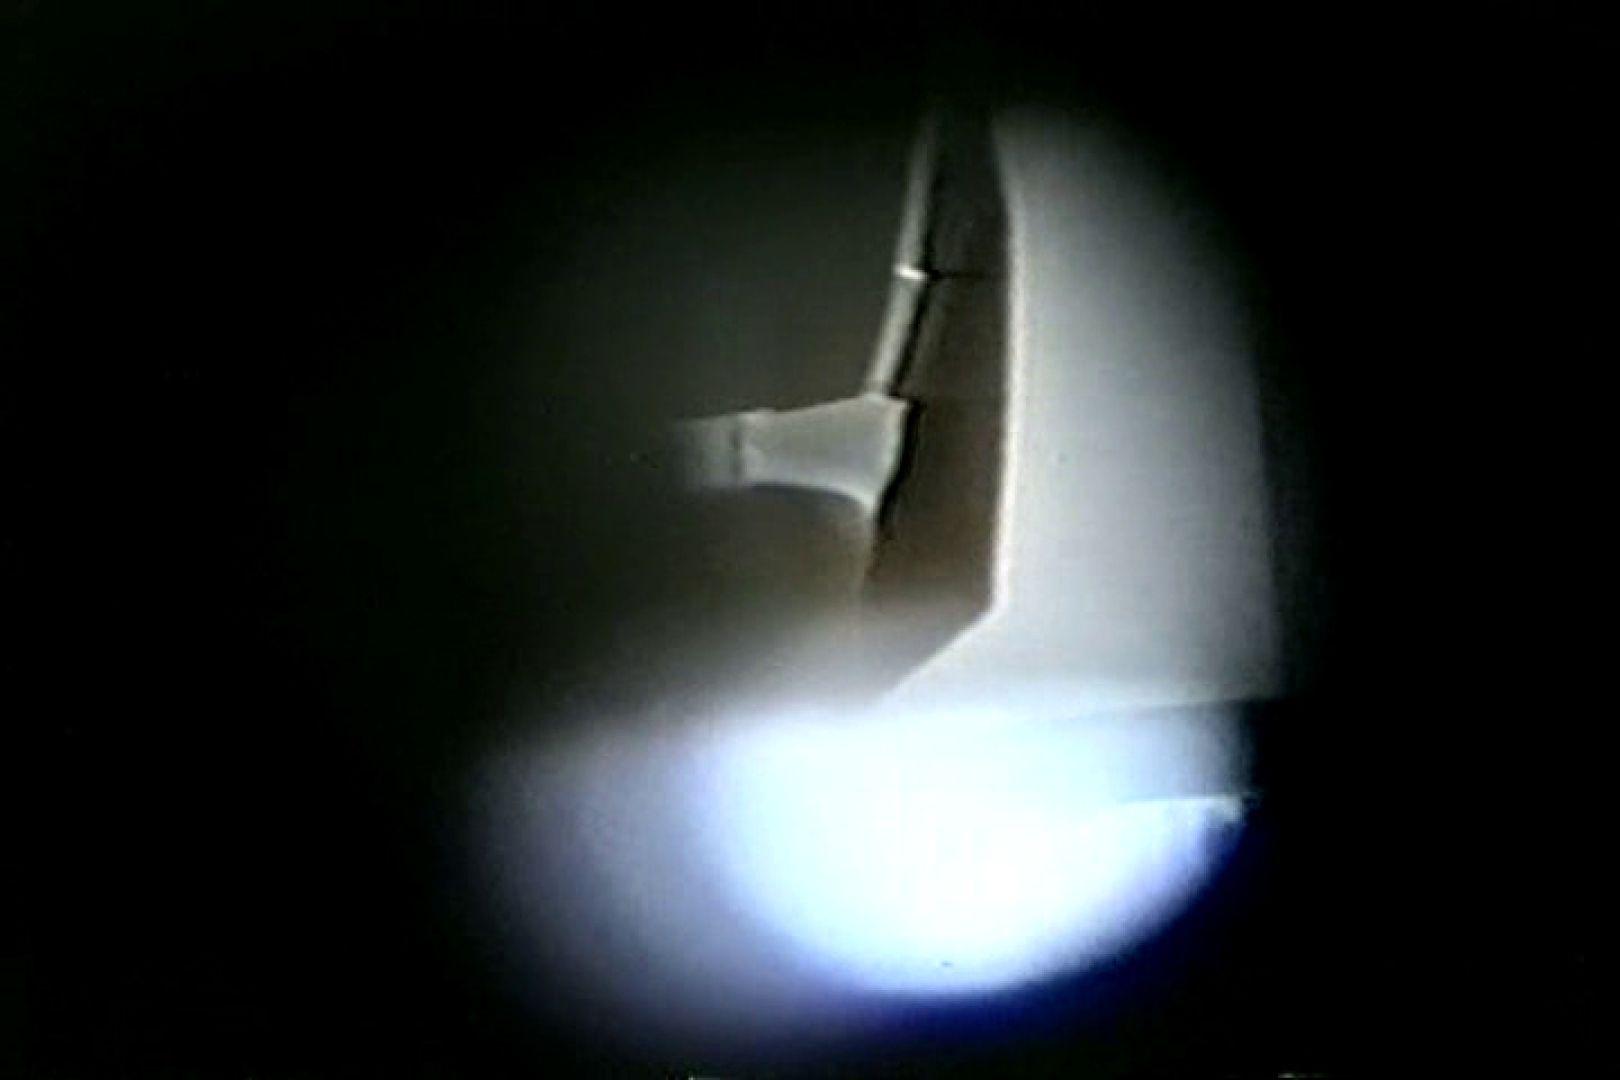 深夜の撮影会Vol.6 OLの実態  56pic 35